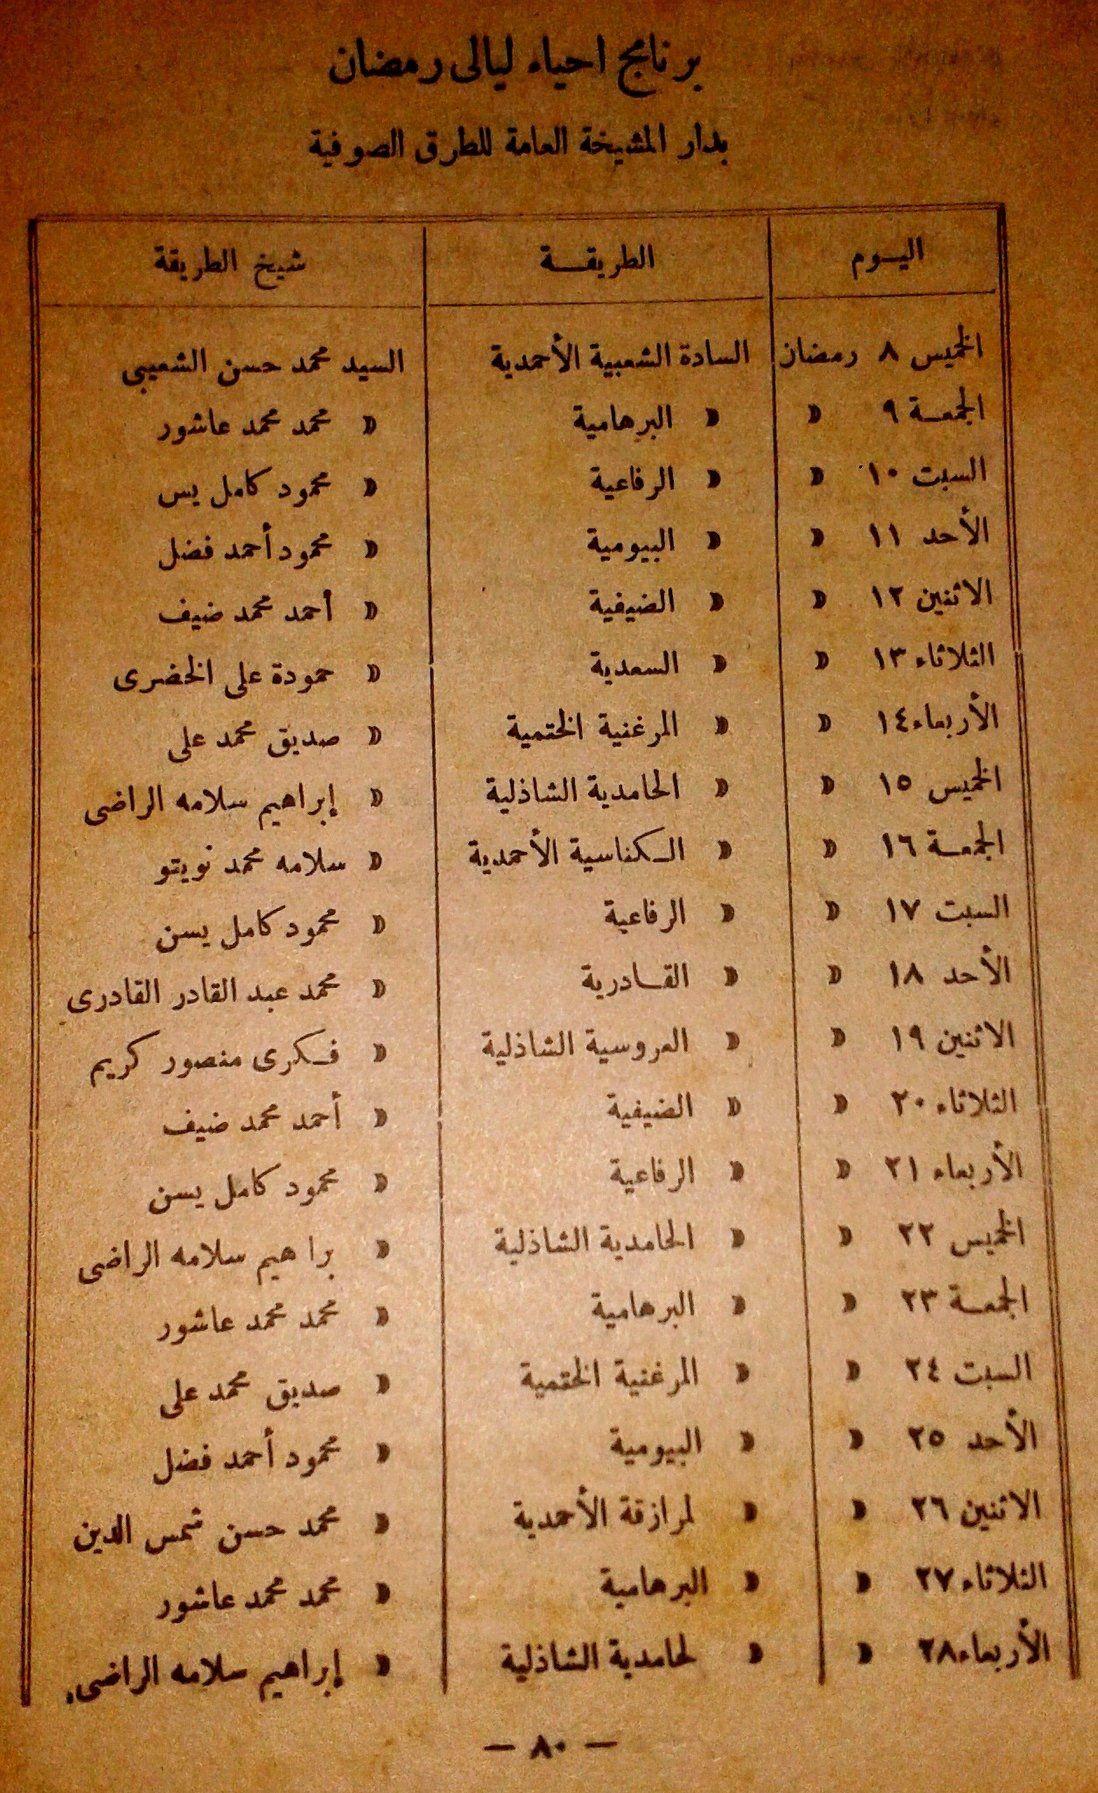 مجلة الاسلام و التصوف Old Newspaper Sheet Music Newspaper